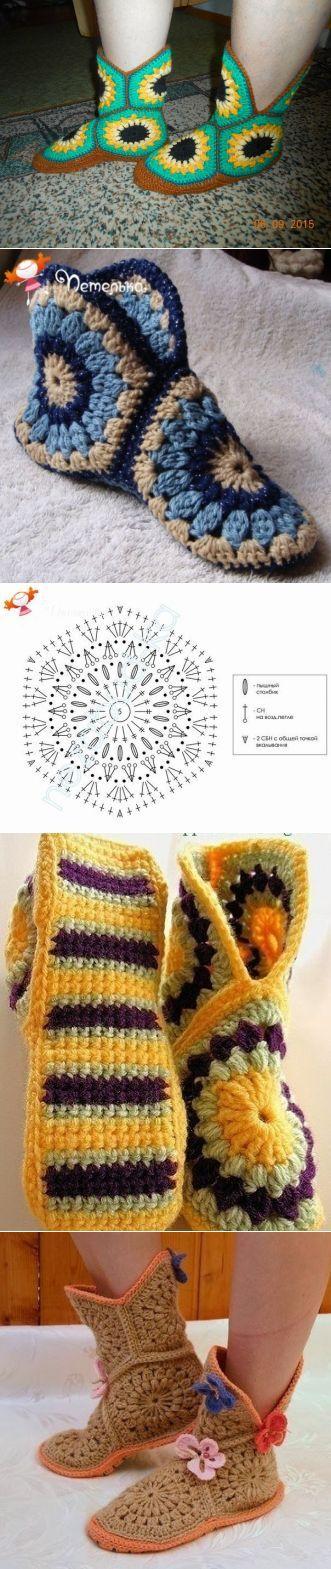 сапожки из шестиугольника / Вязание крючком / Женская одежда крючком. Схемы.